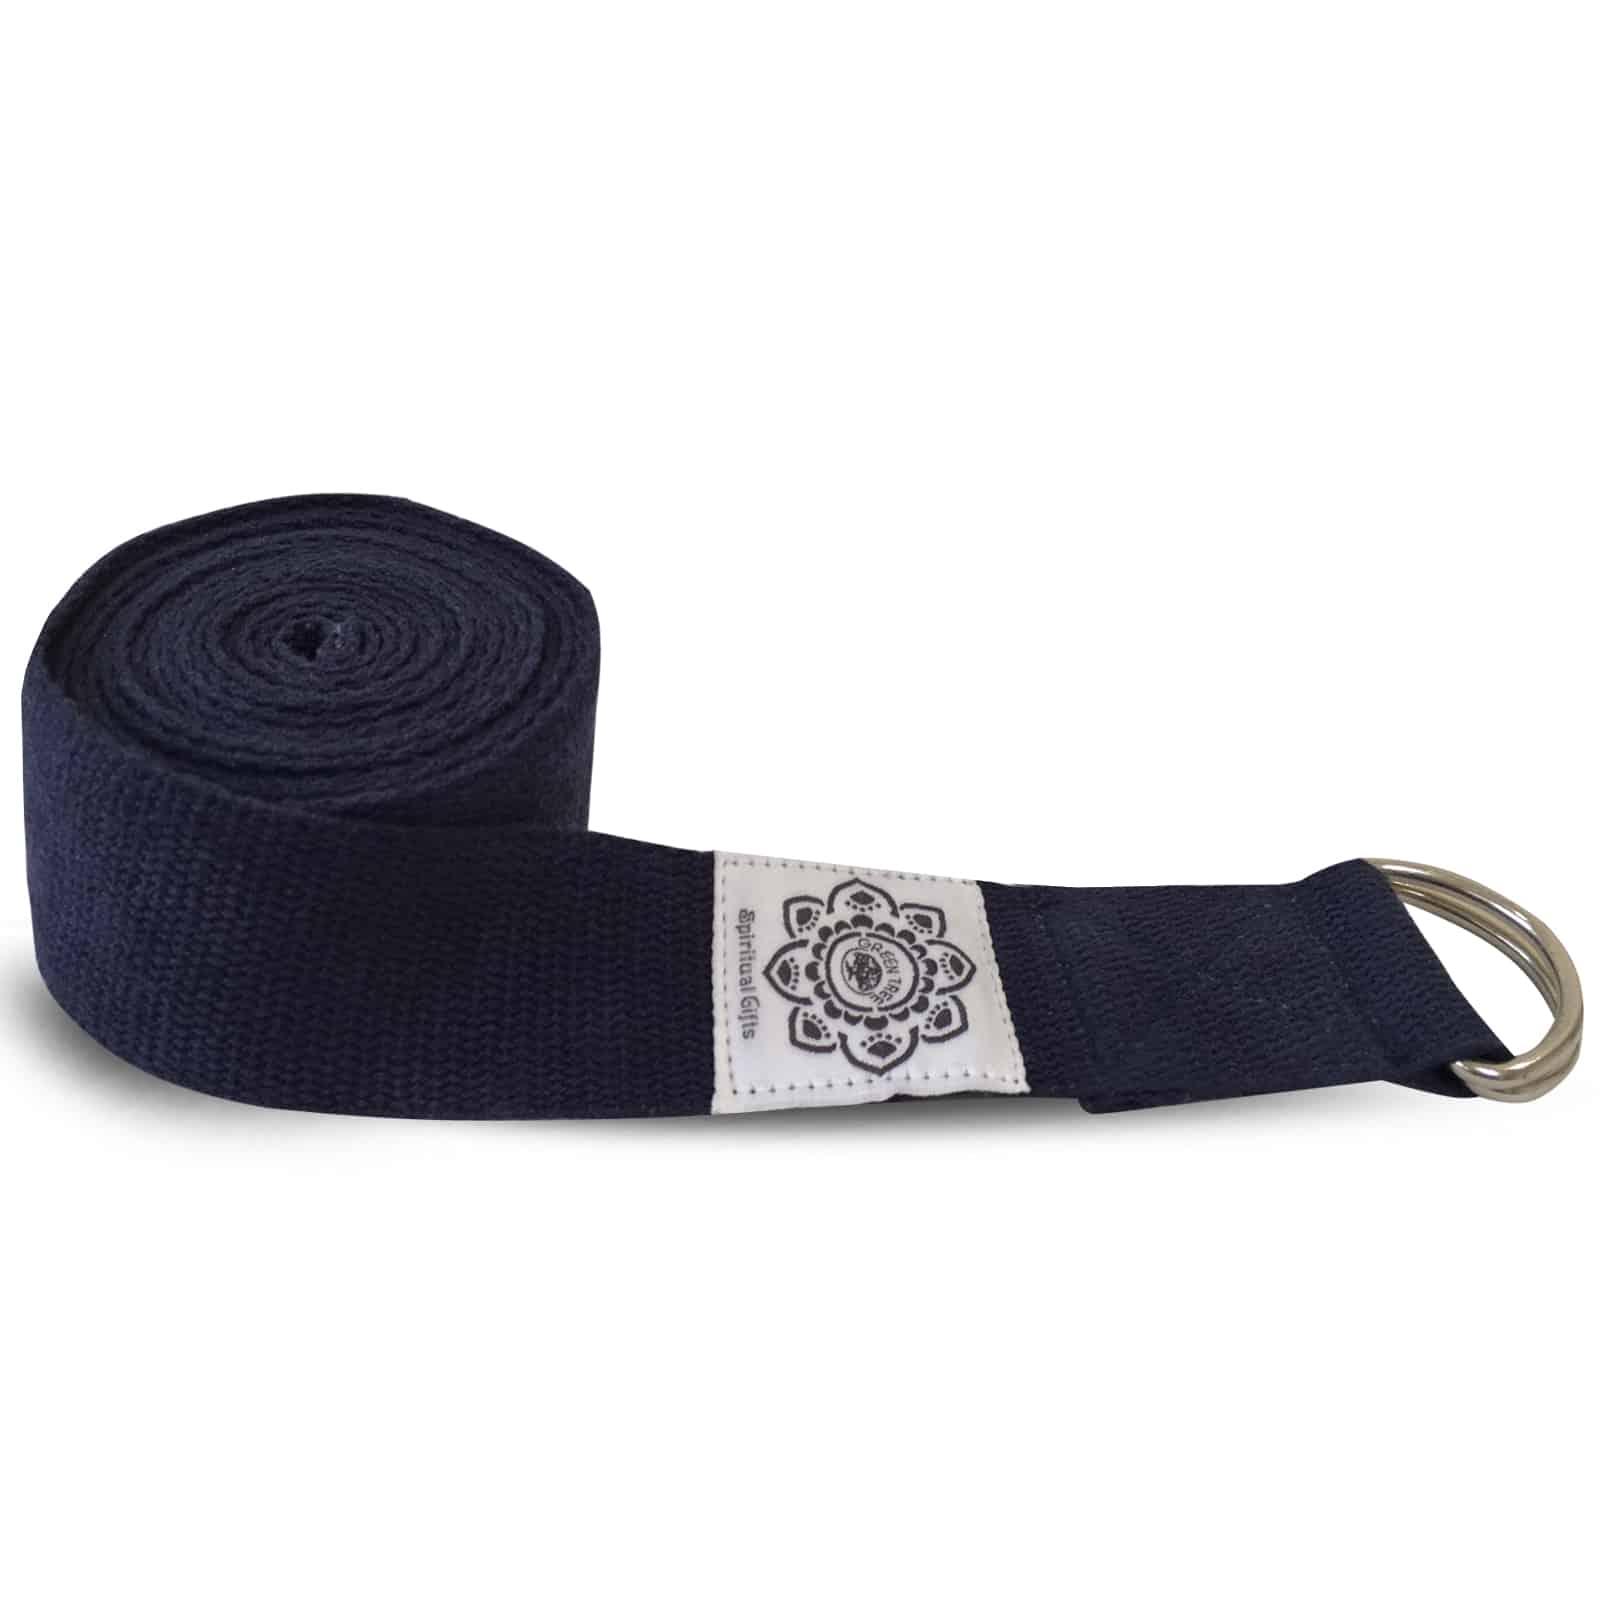 Spiru Katoenen Yoga Riem Donkerblauw met D-Ring - 270 cm